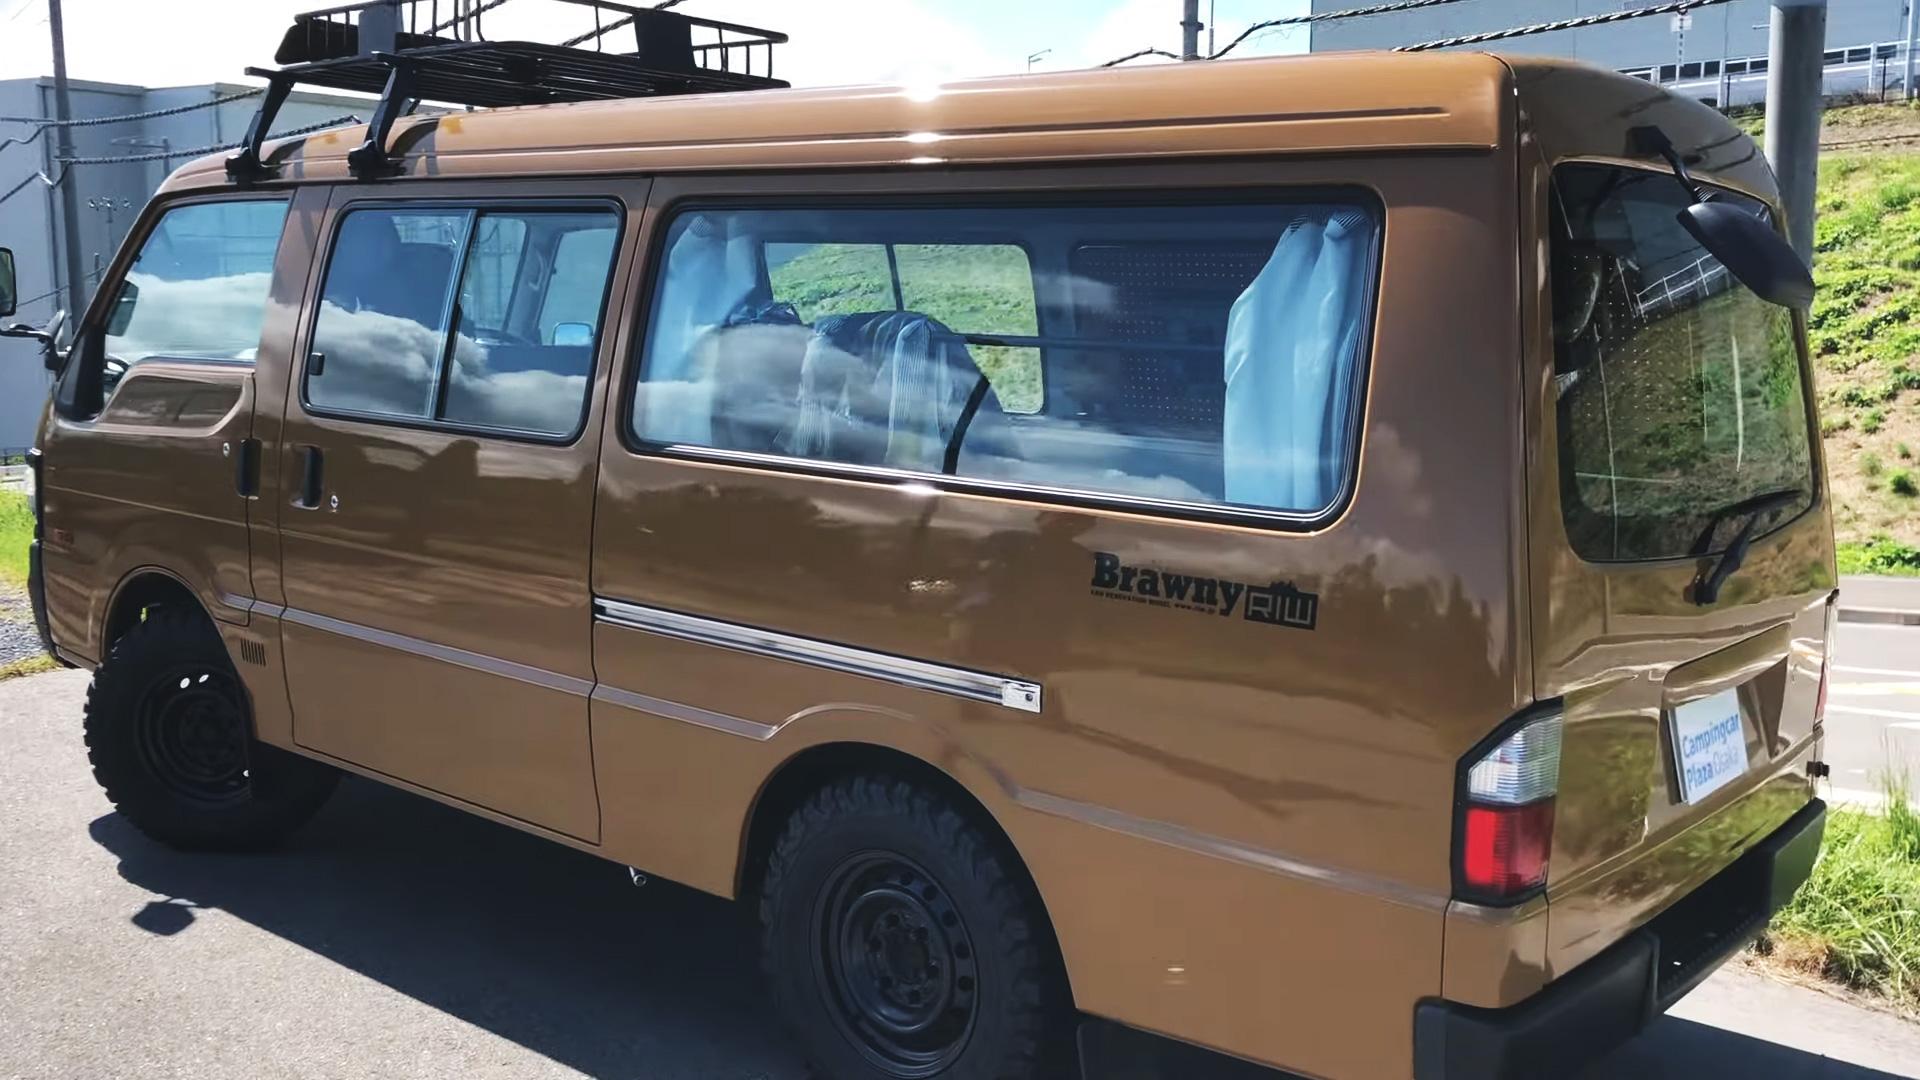 ボンゴブローニイバンのキャンピングカー BrawnyRIW ブラウン 外観